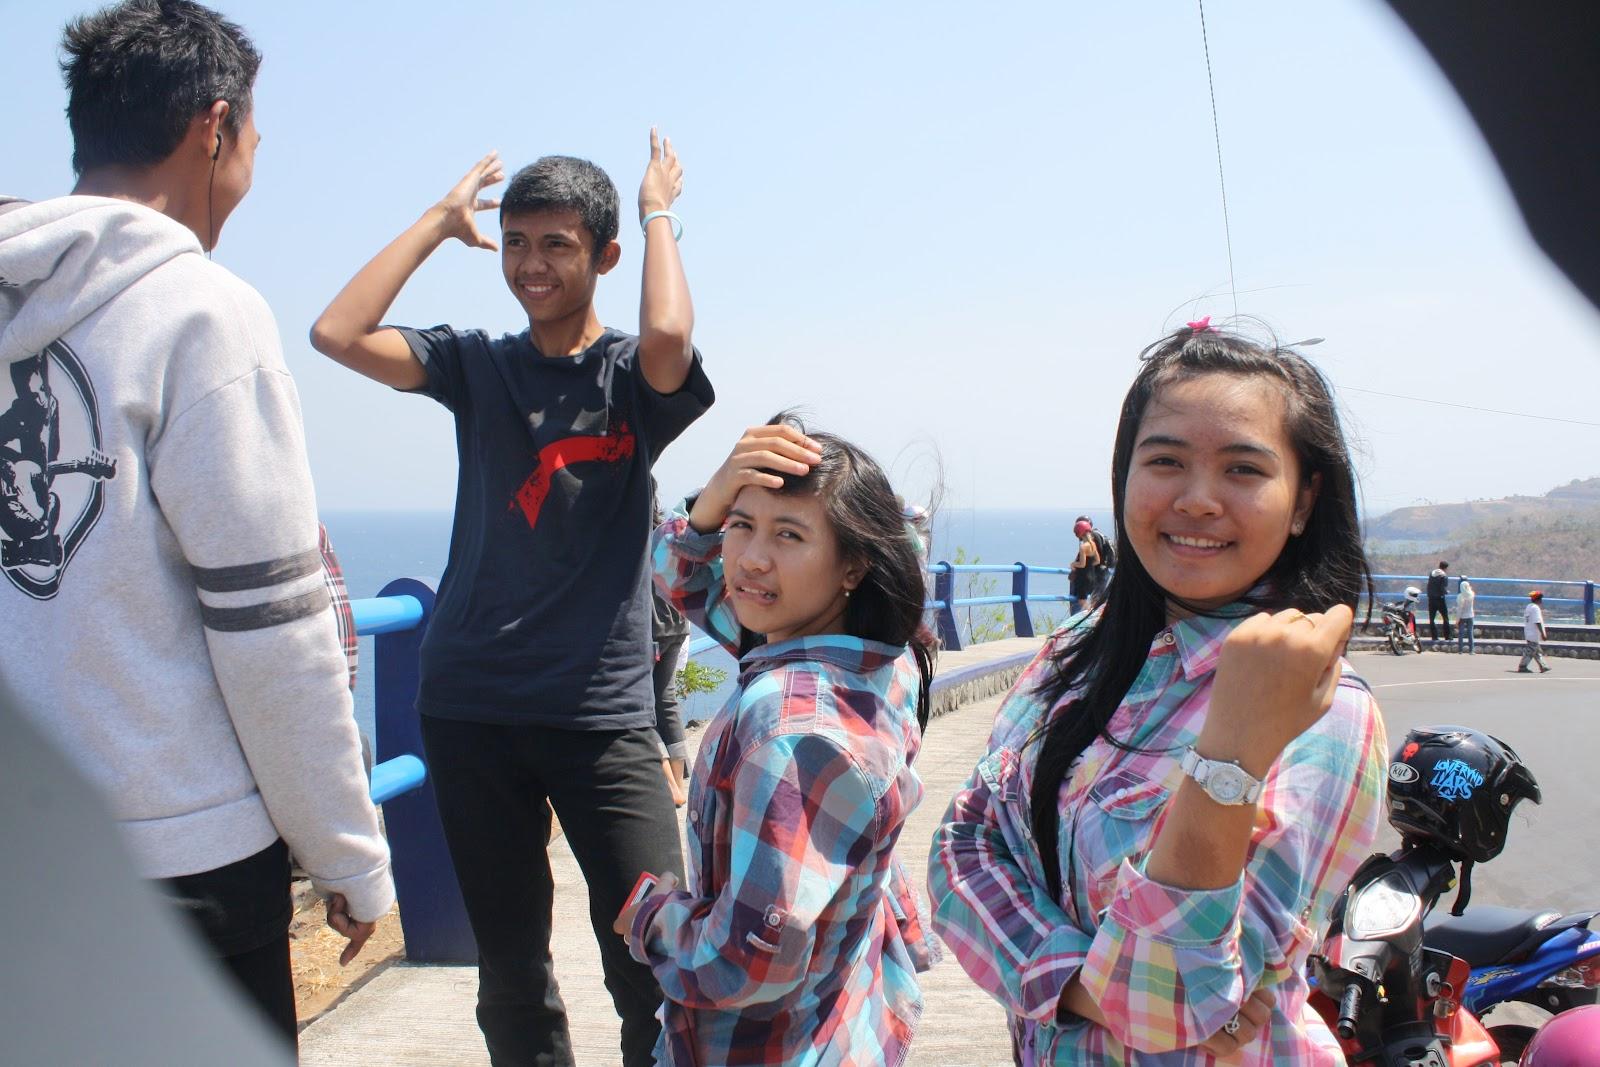 Saatnya bertualang di Malimbu Beach !!